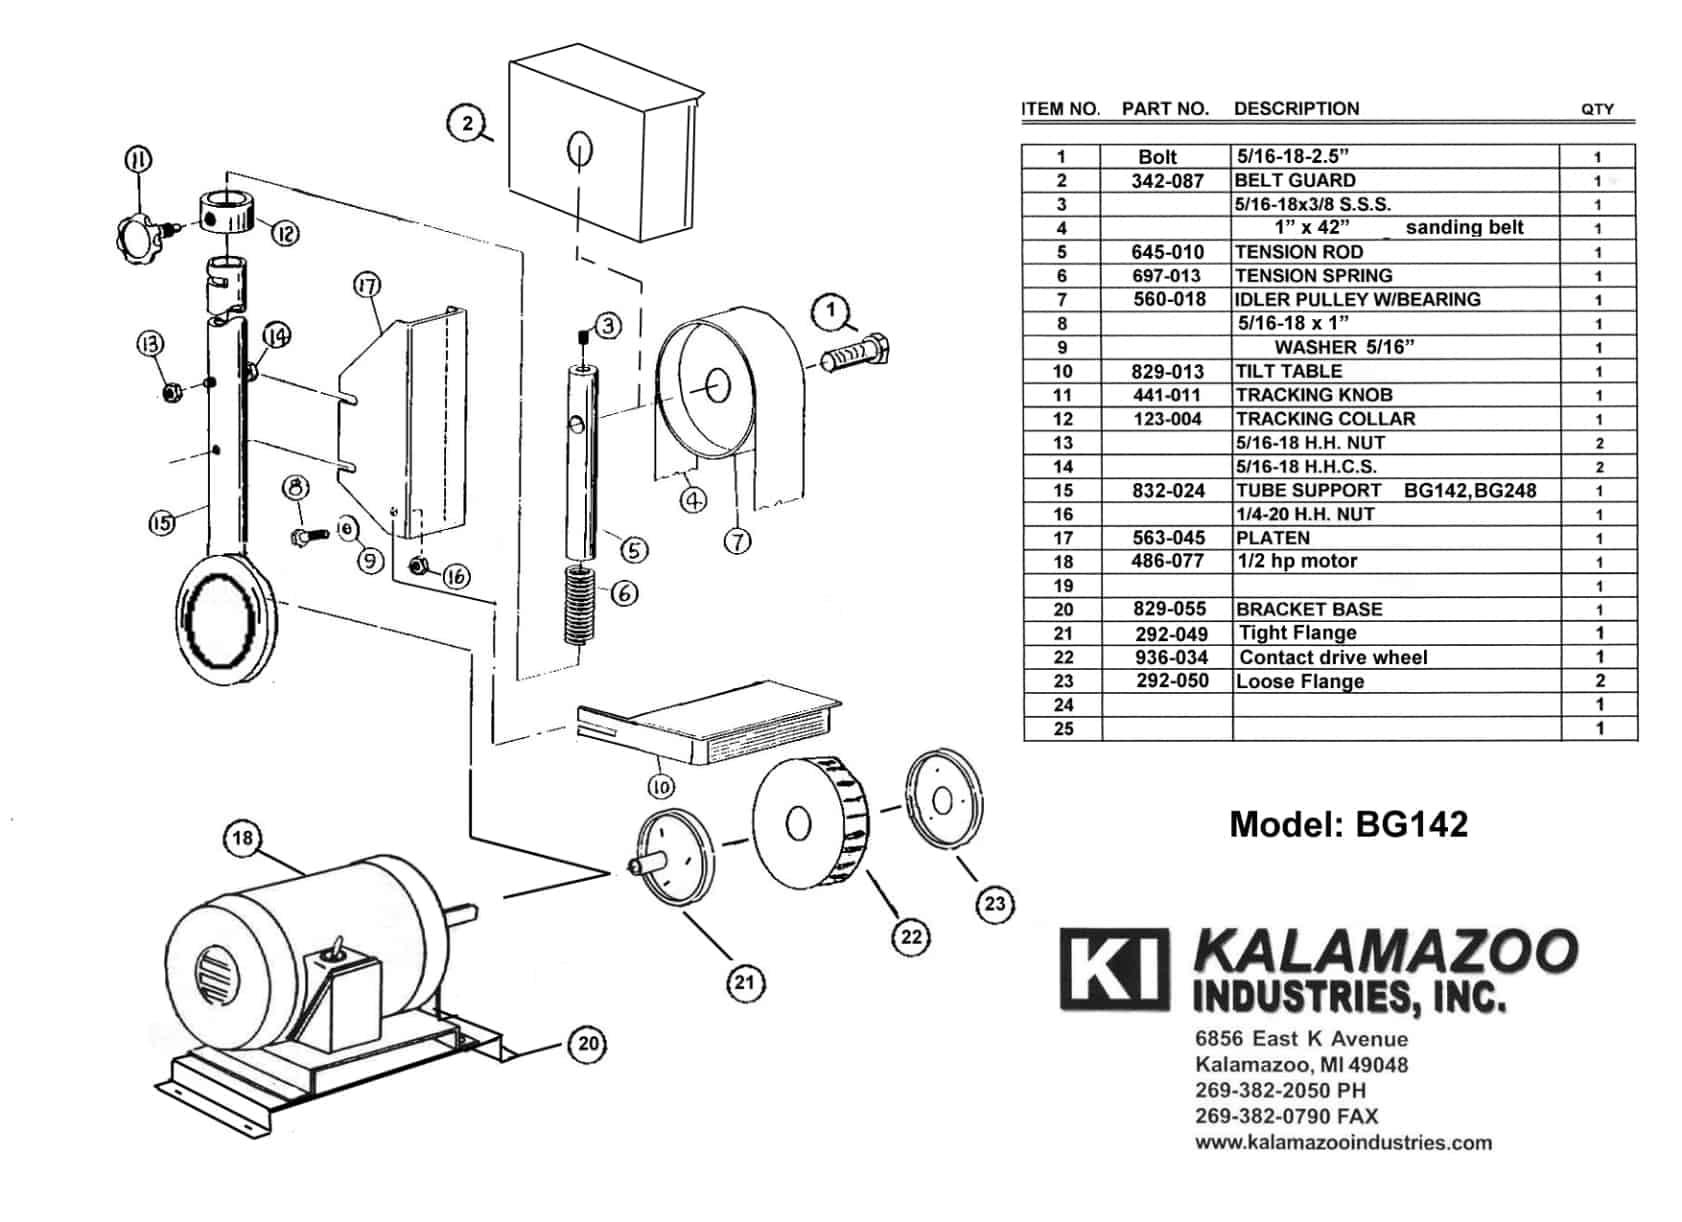 BG142 1 x 42 inch industrial belt grinder parts list, industrial, belt grinder, grinder, parts